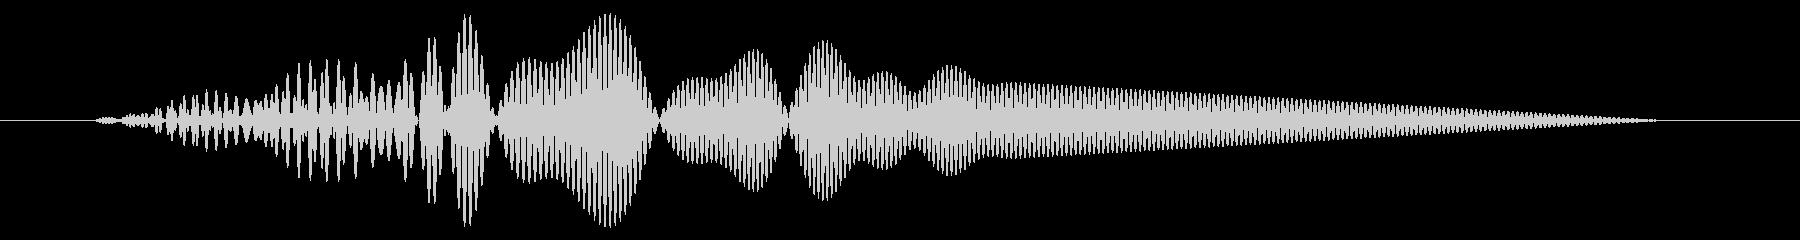 カーソル移動音9の未再生の波形